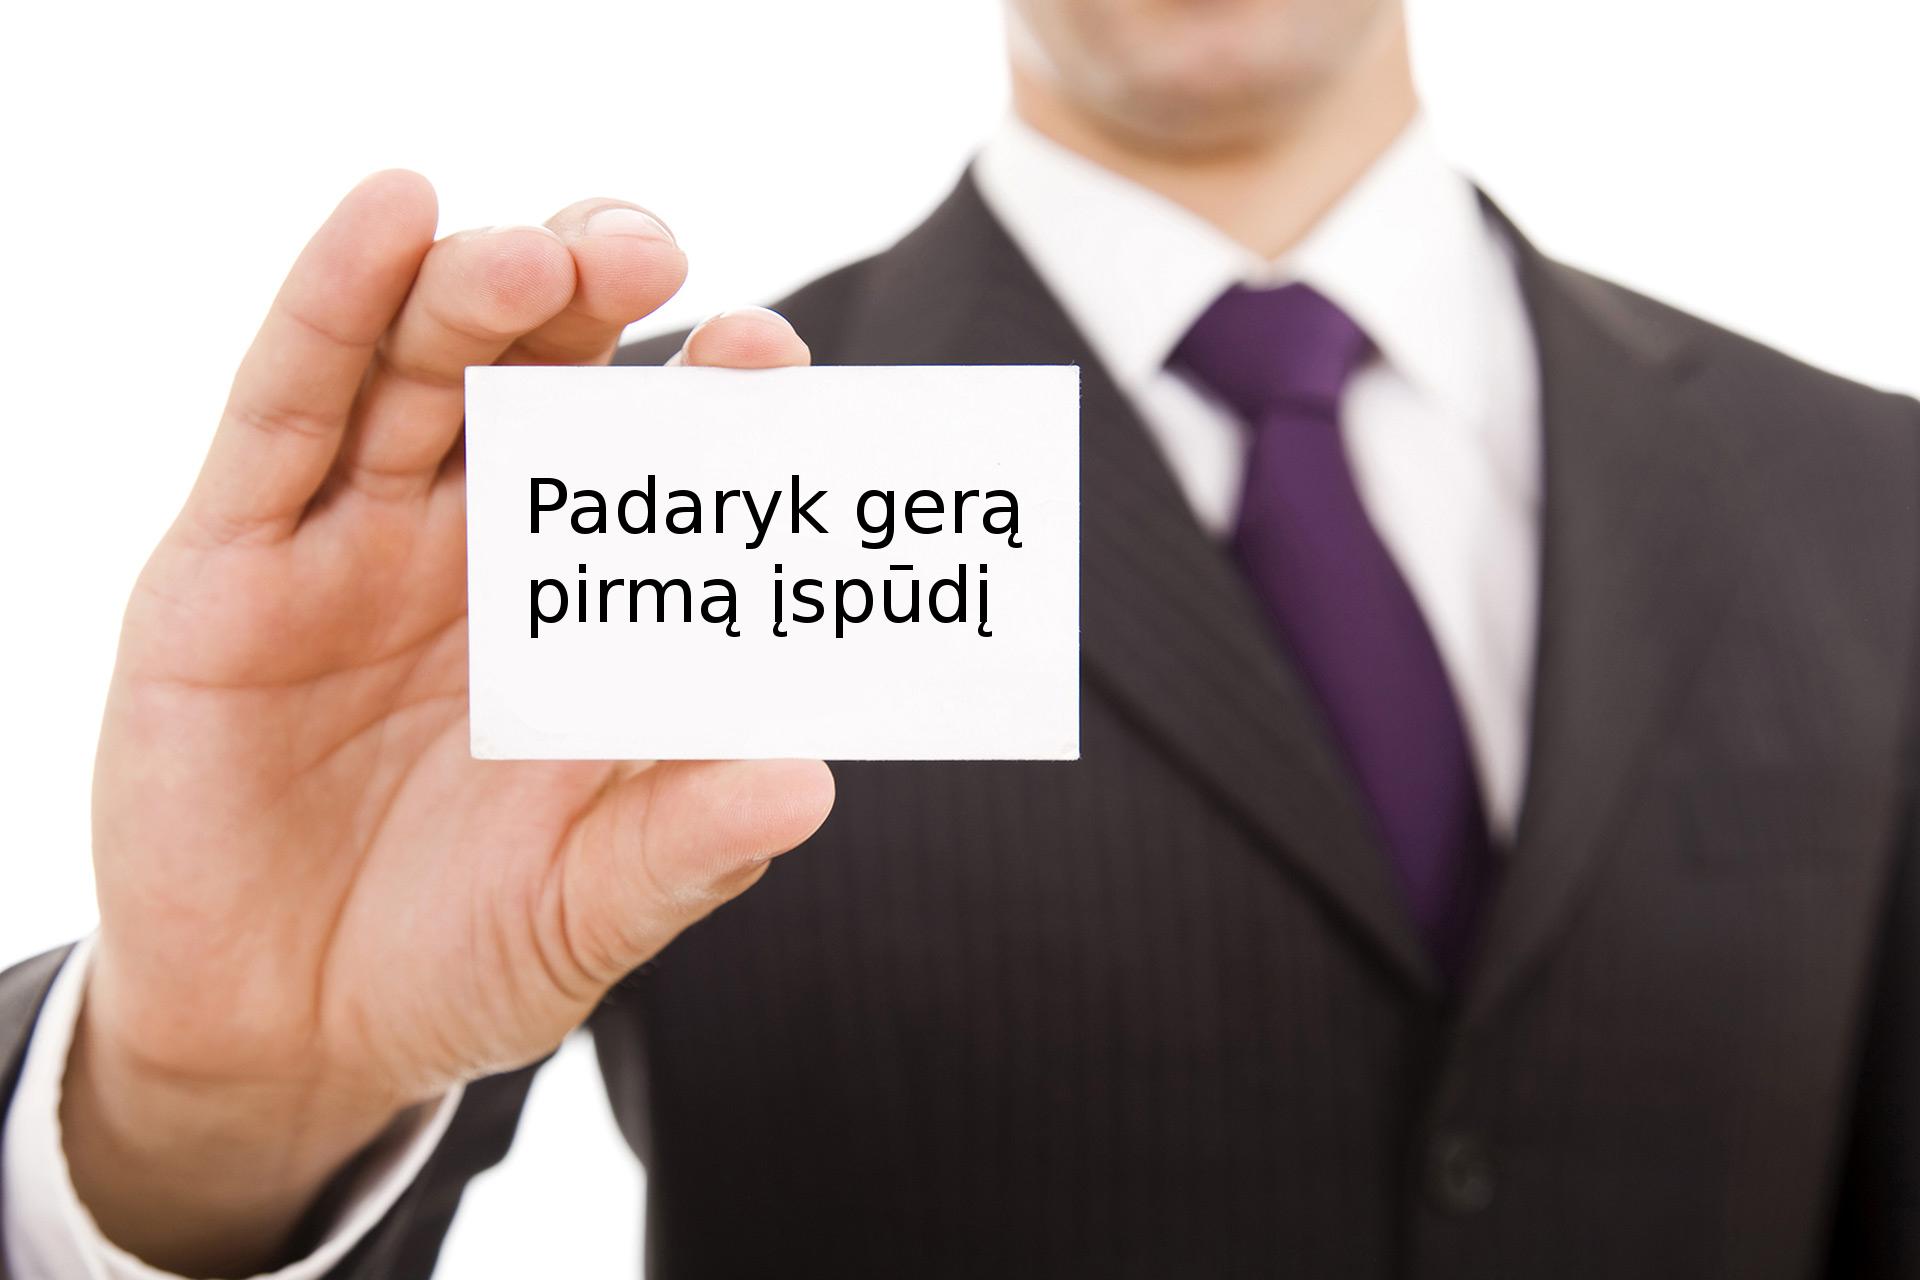 ispudis